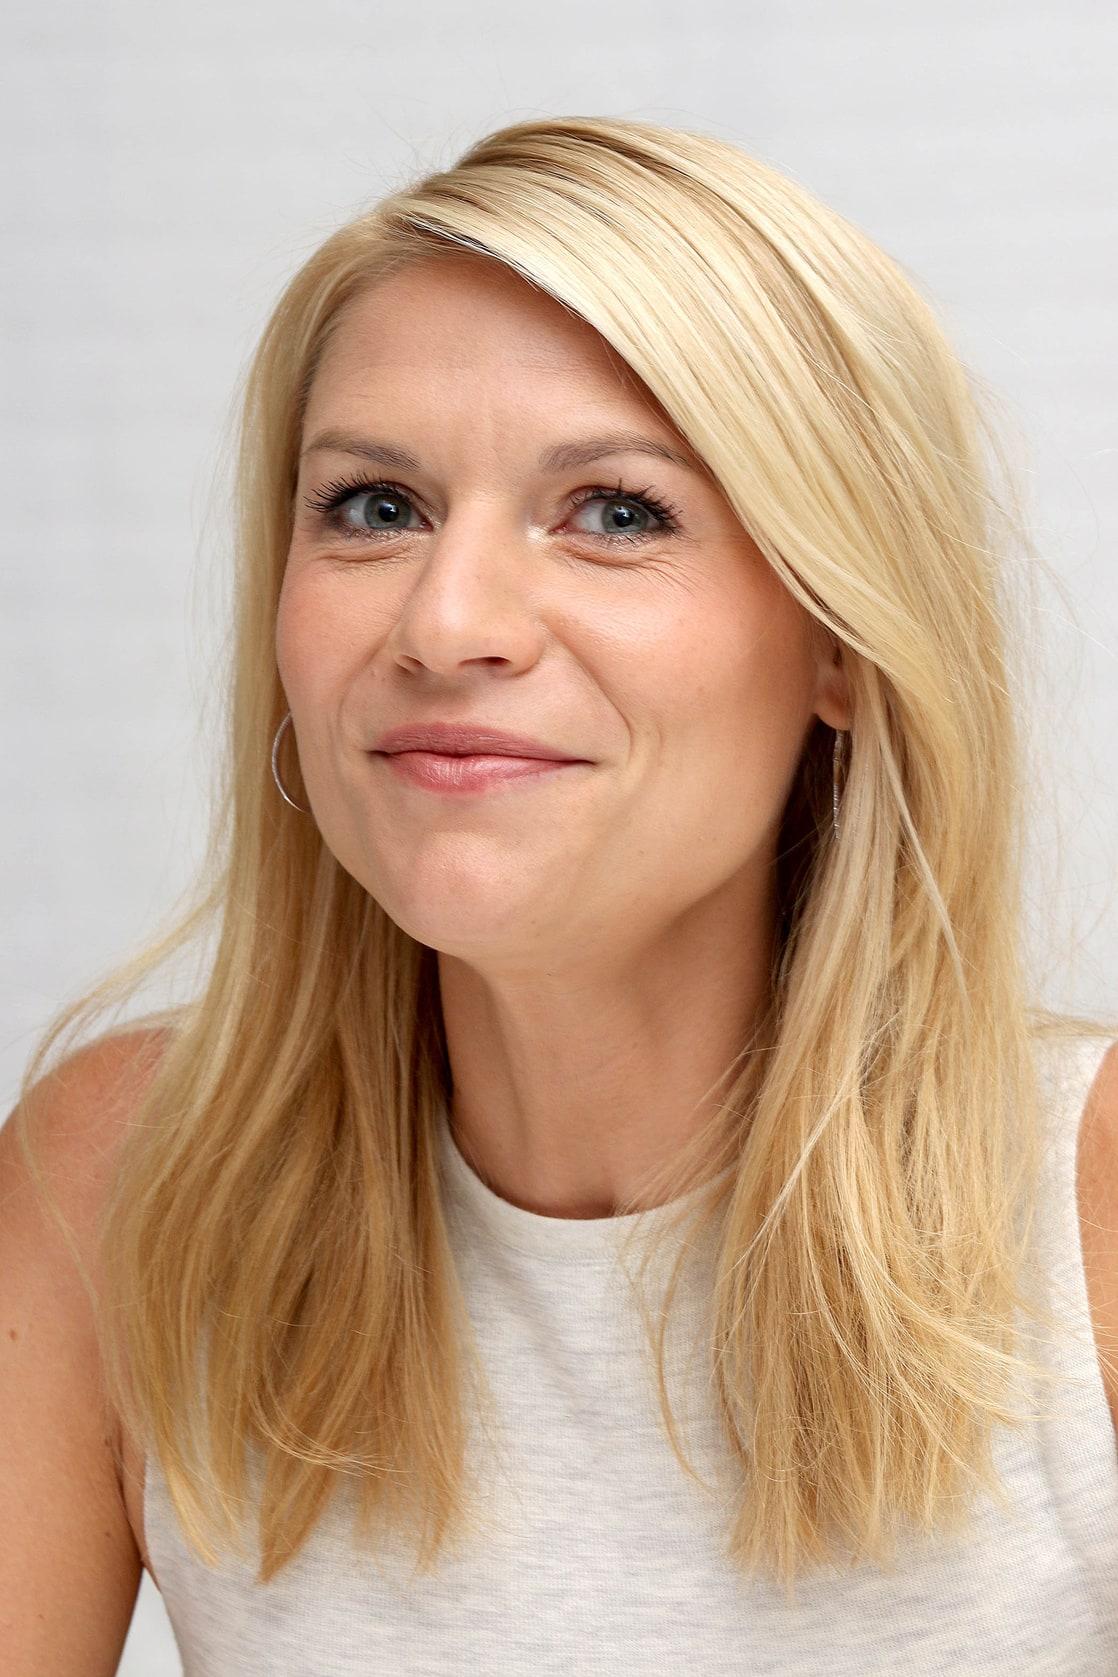 Picture of Claire Dane... Claire Danes